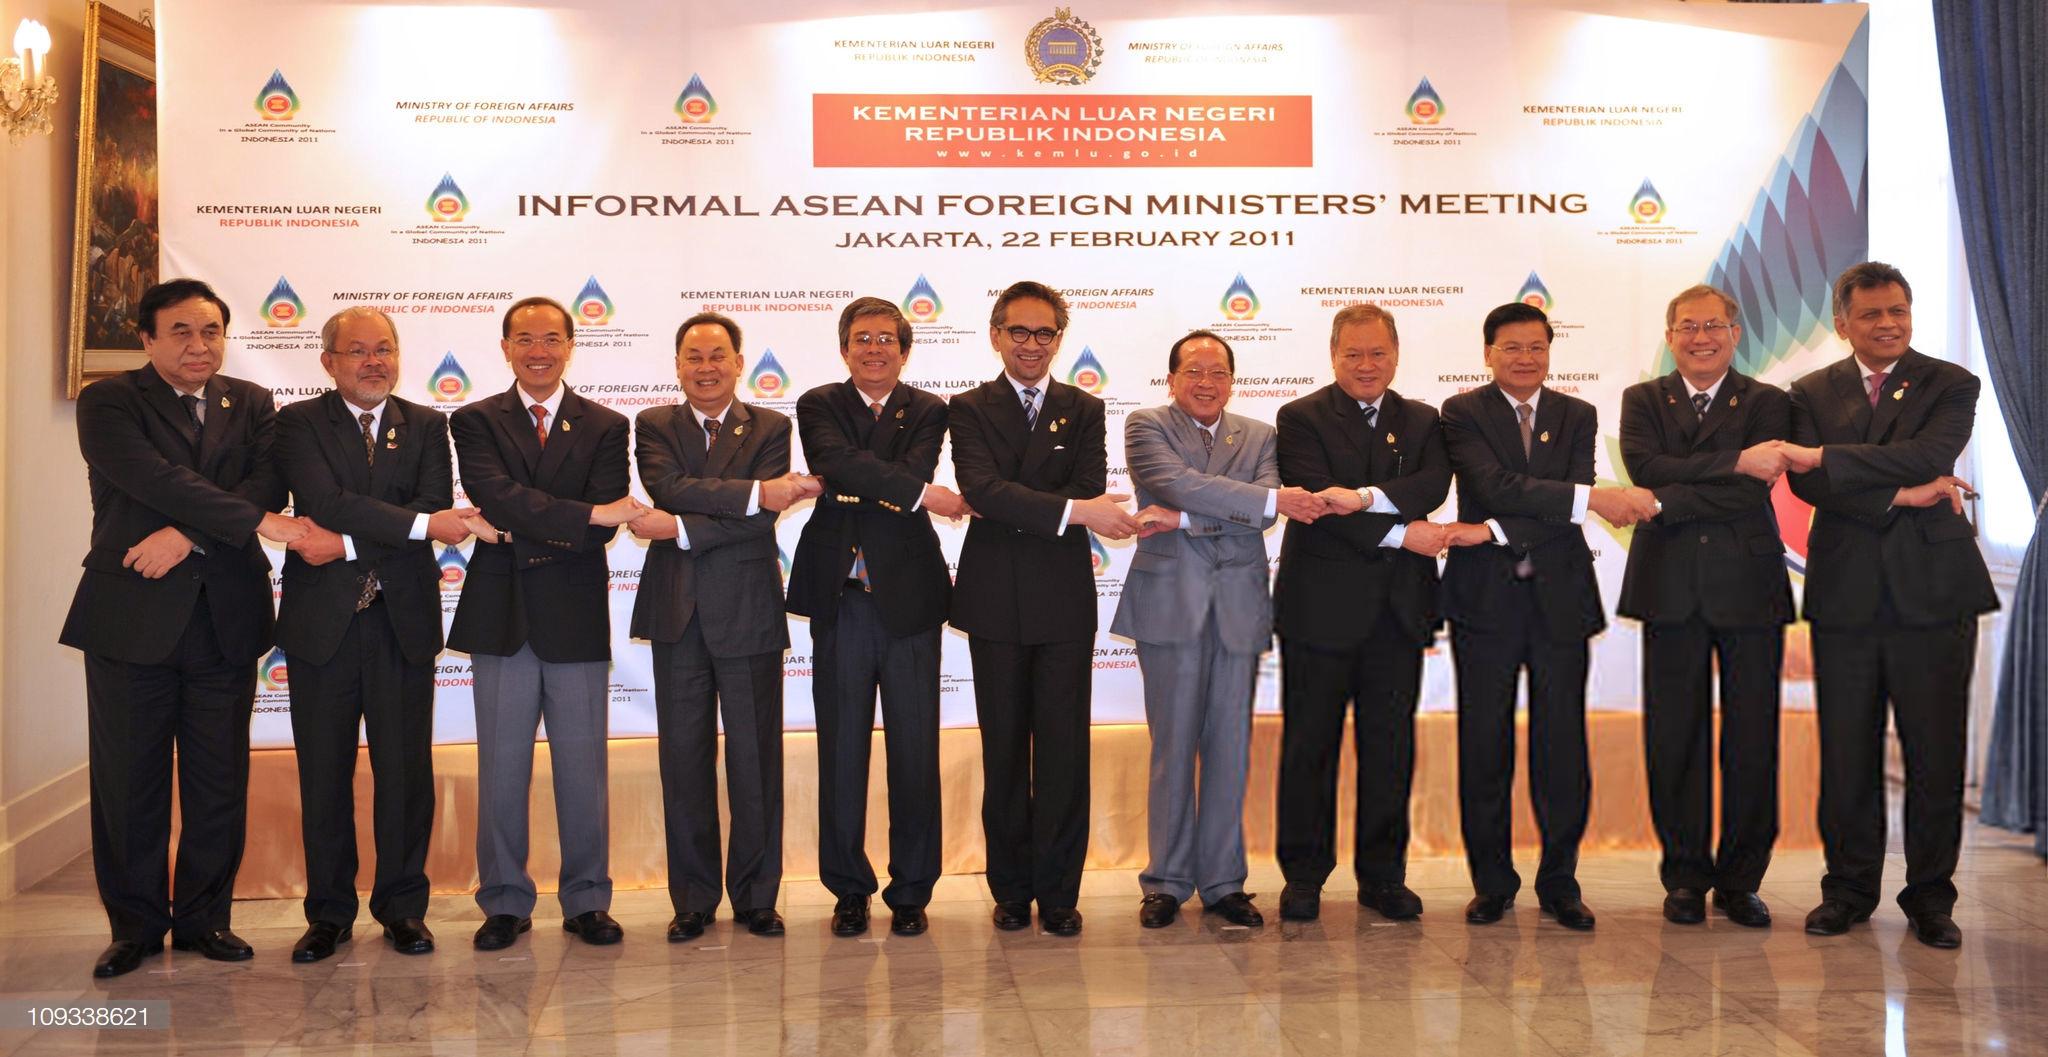 ĐS Phạm Quang Vinh kể về thăng trầm ASEAN: Vụ tàu TQ 2 lần cắt cáp của Việt Nam, bức ảnh thất vọng ở Campuchia và lời kêu gọi thức tỉnh - Ảnh 19.